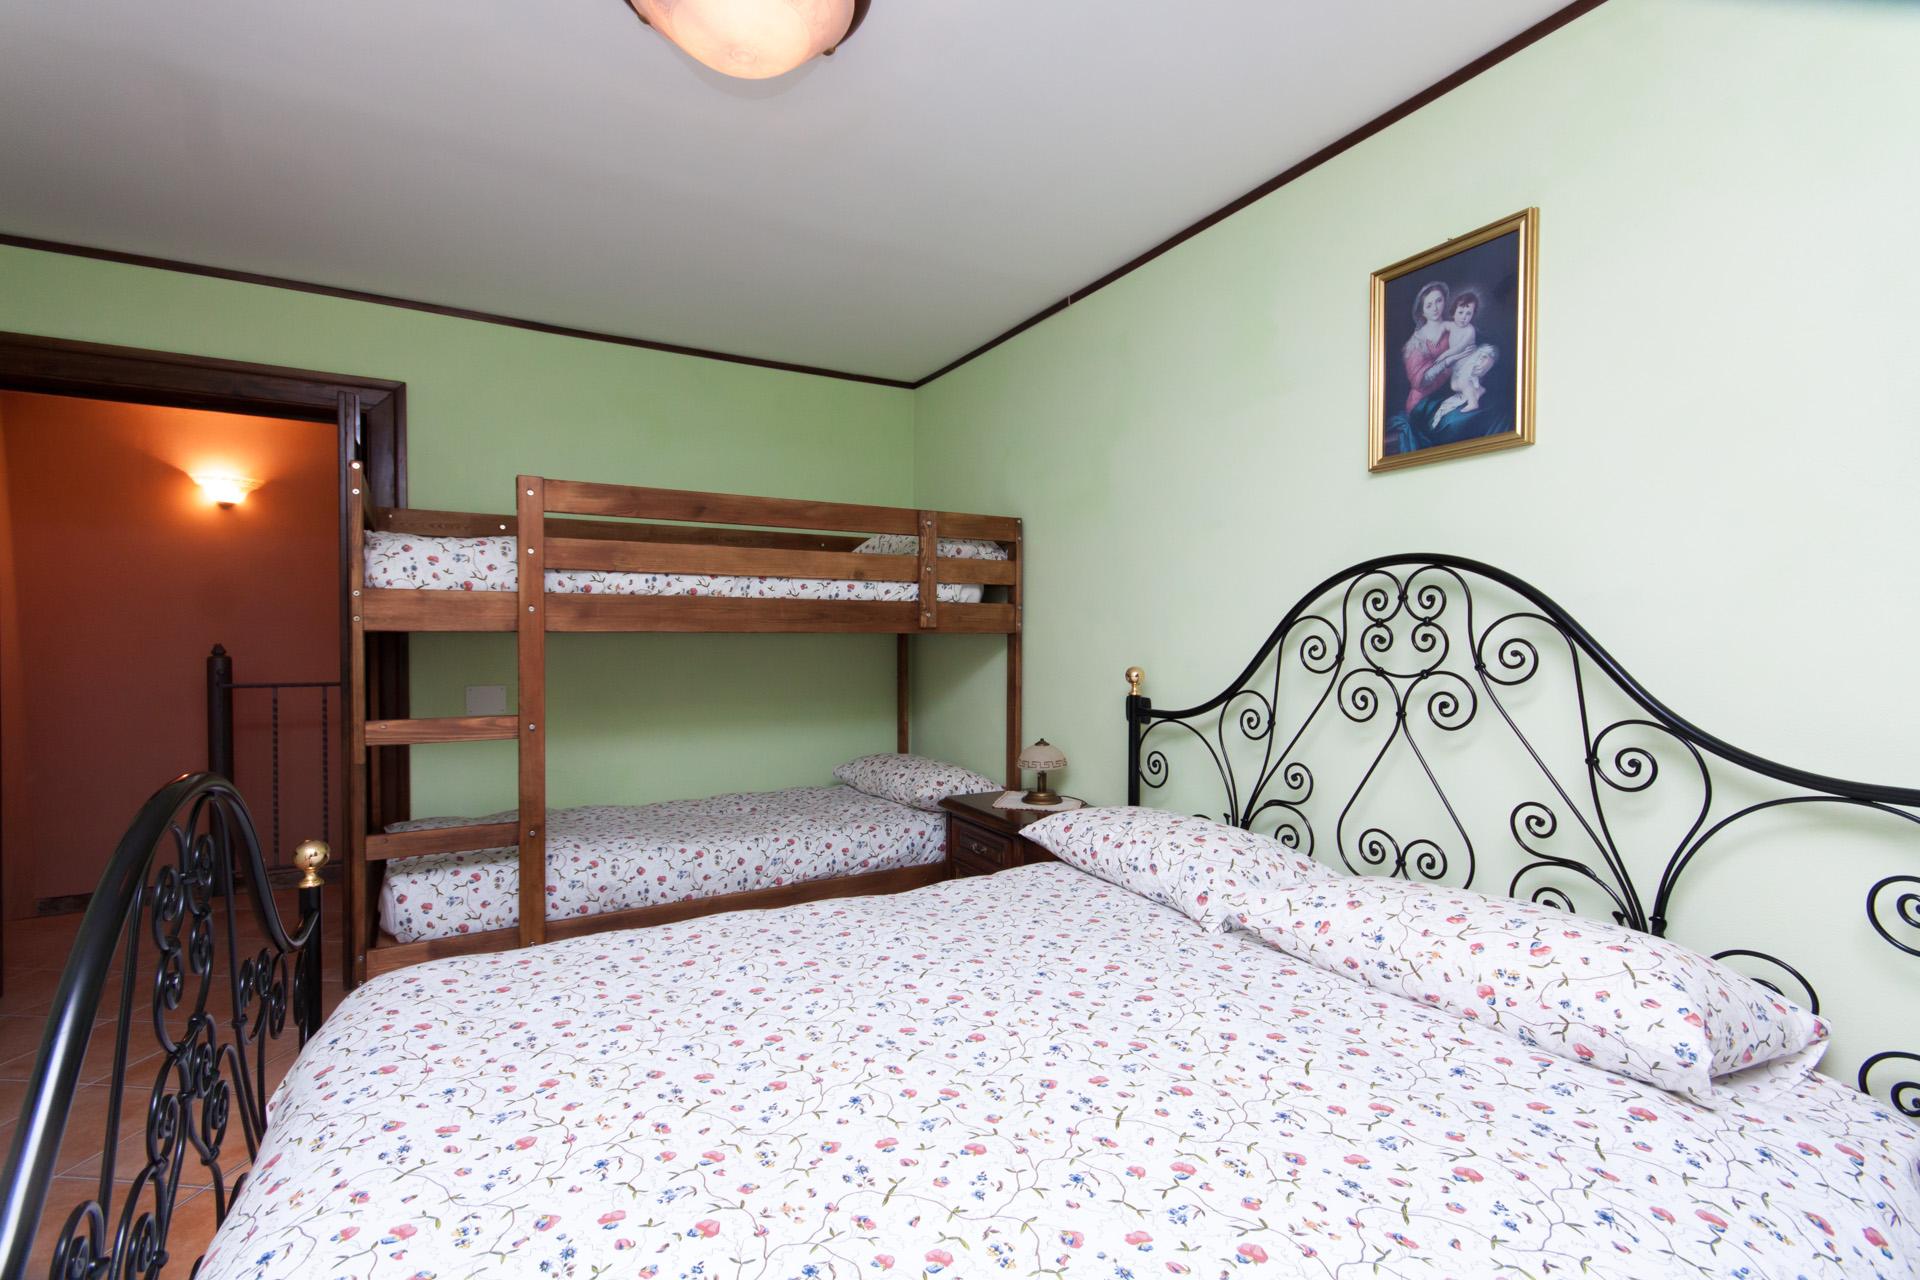 http://www.bebilborgo.com/sito/uploads/2014/07/appartamento-scapoli-zio-tullio-IMG_9839.jpg